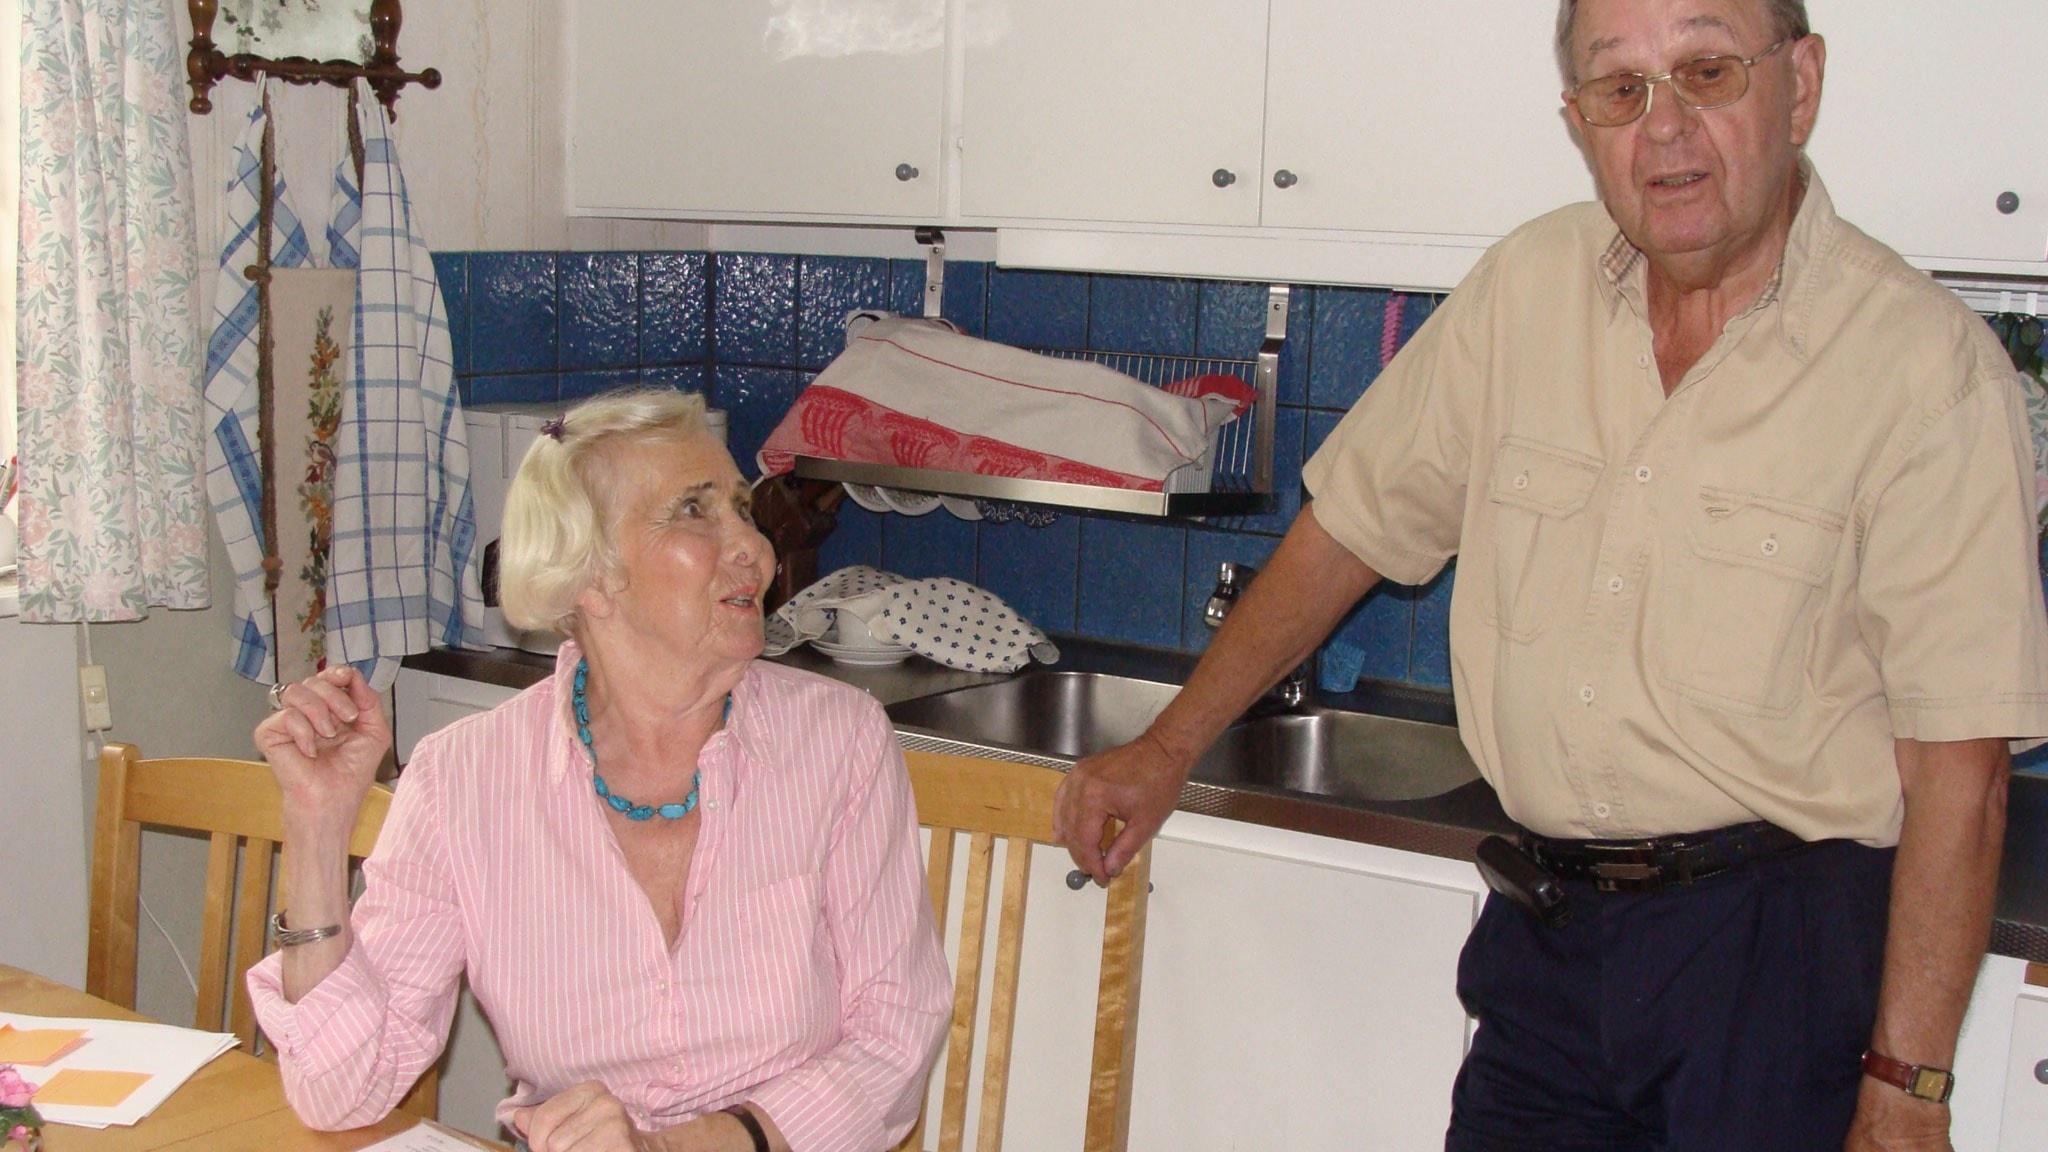 Krigets härjningar drev gränsborna Olof och Anna på flykt